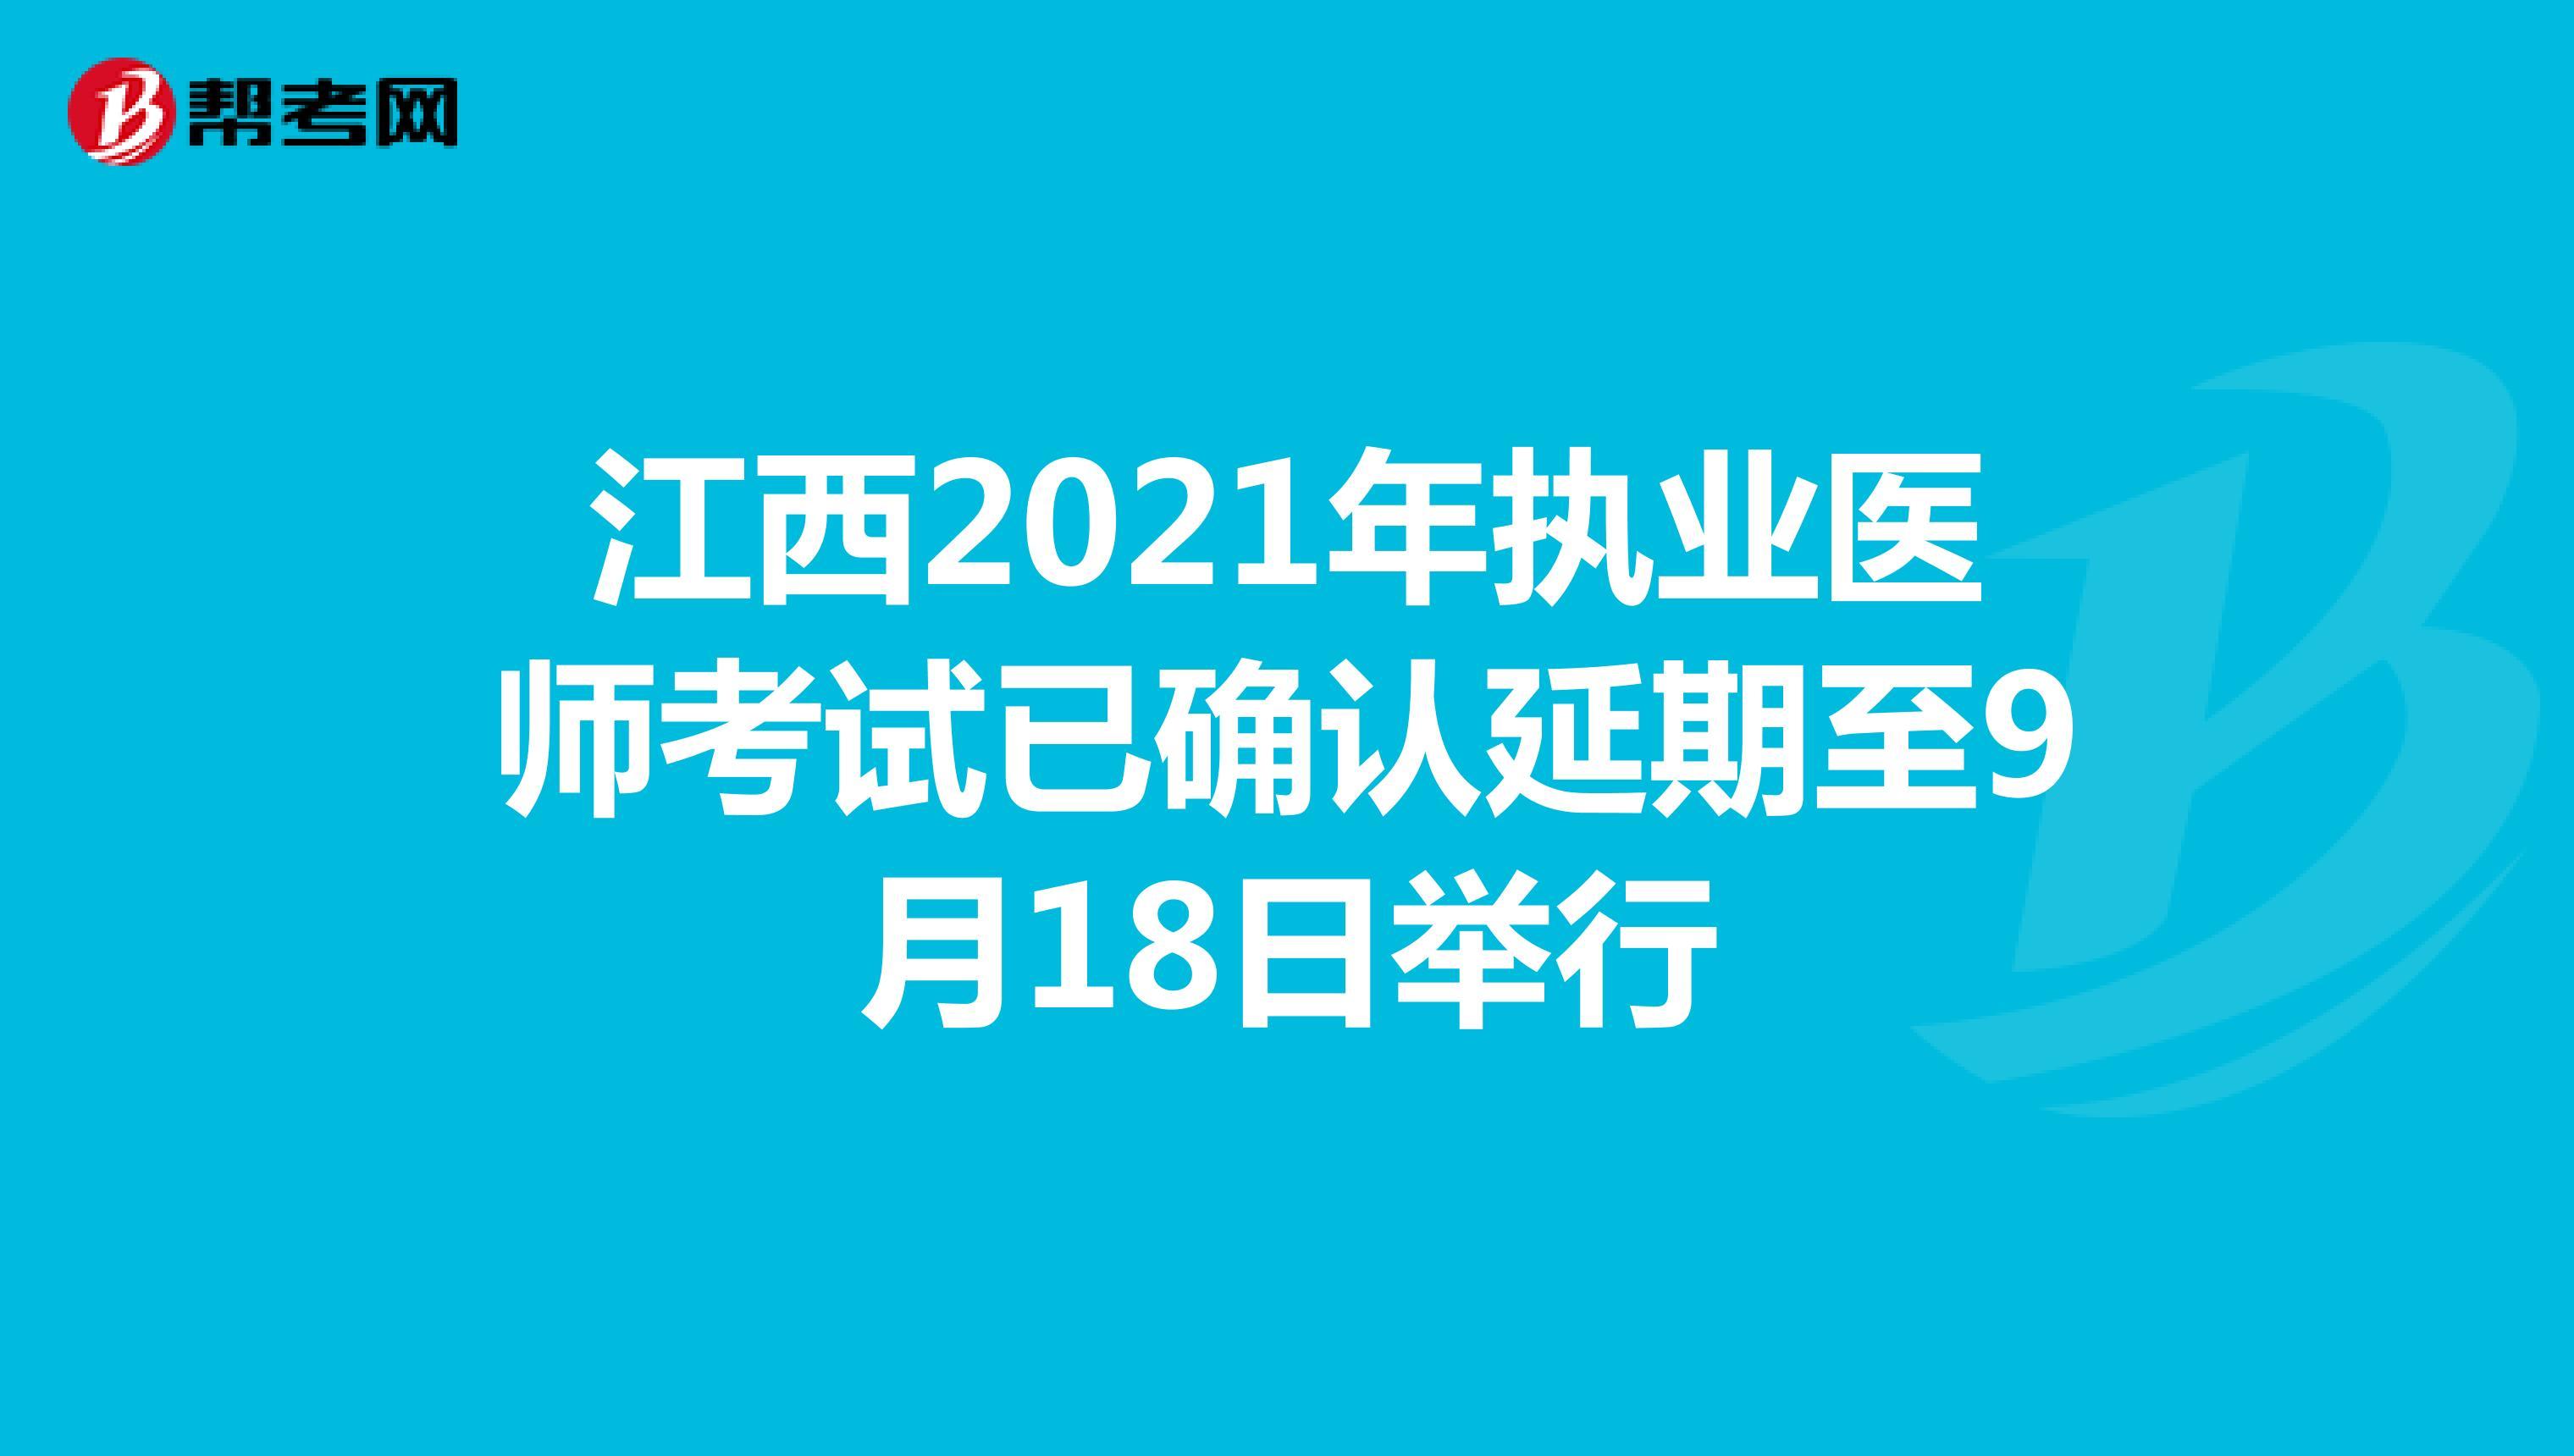 江西2021年执业医师考试已确认延期至9月18日举行